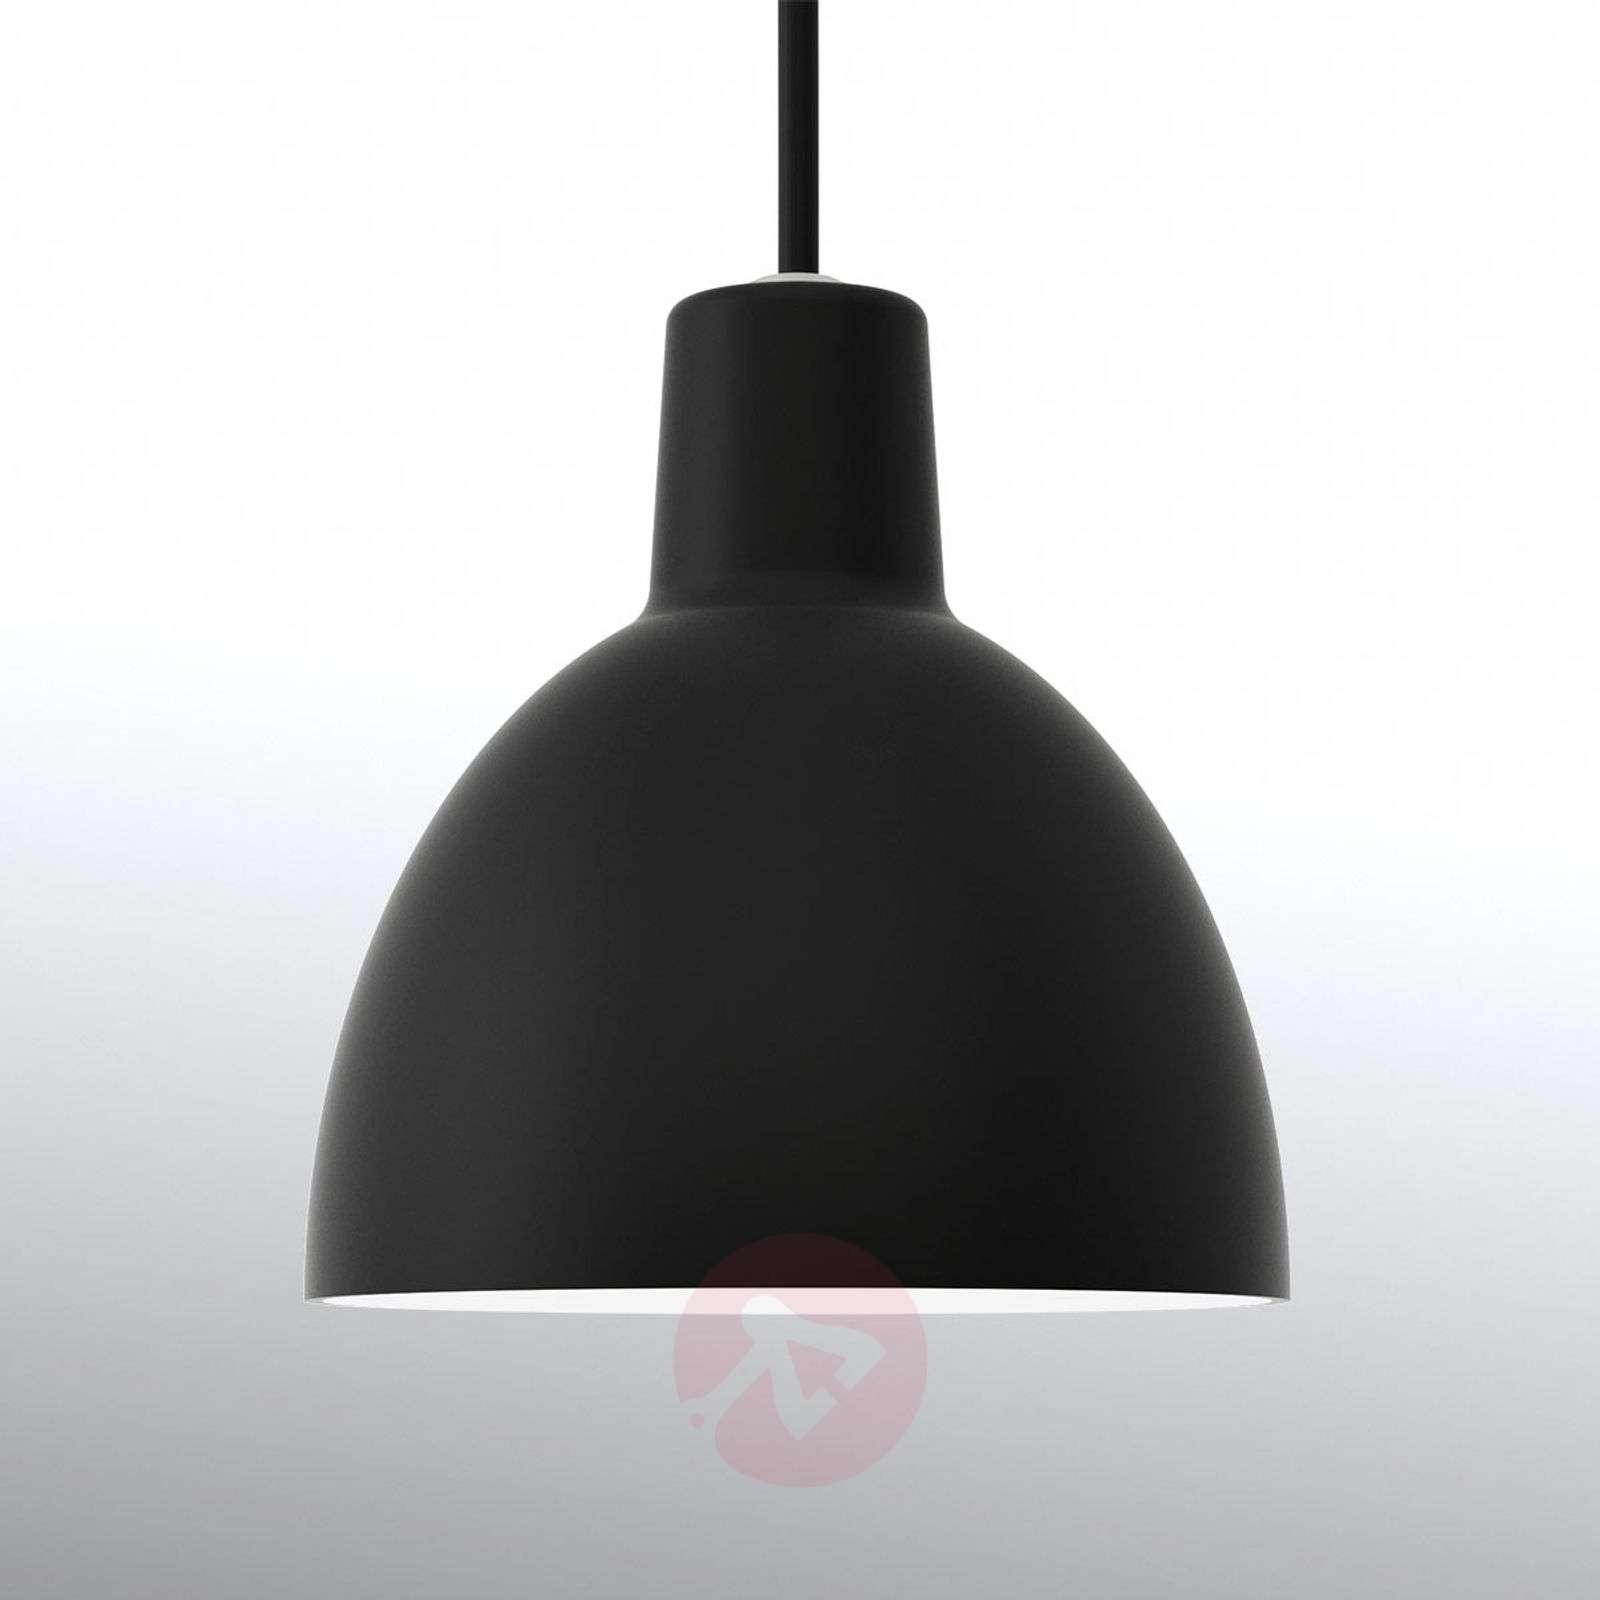 Louis Poulsen Toldbod120 riippuvalaisin musta-6090149-01